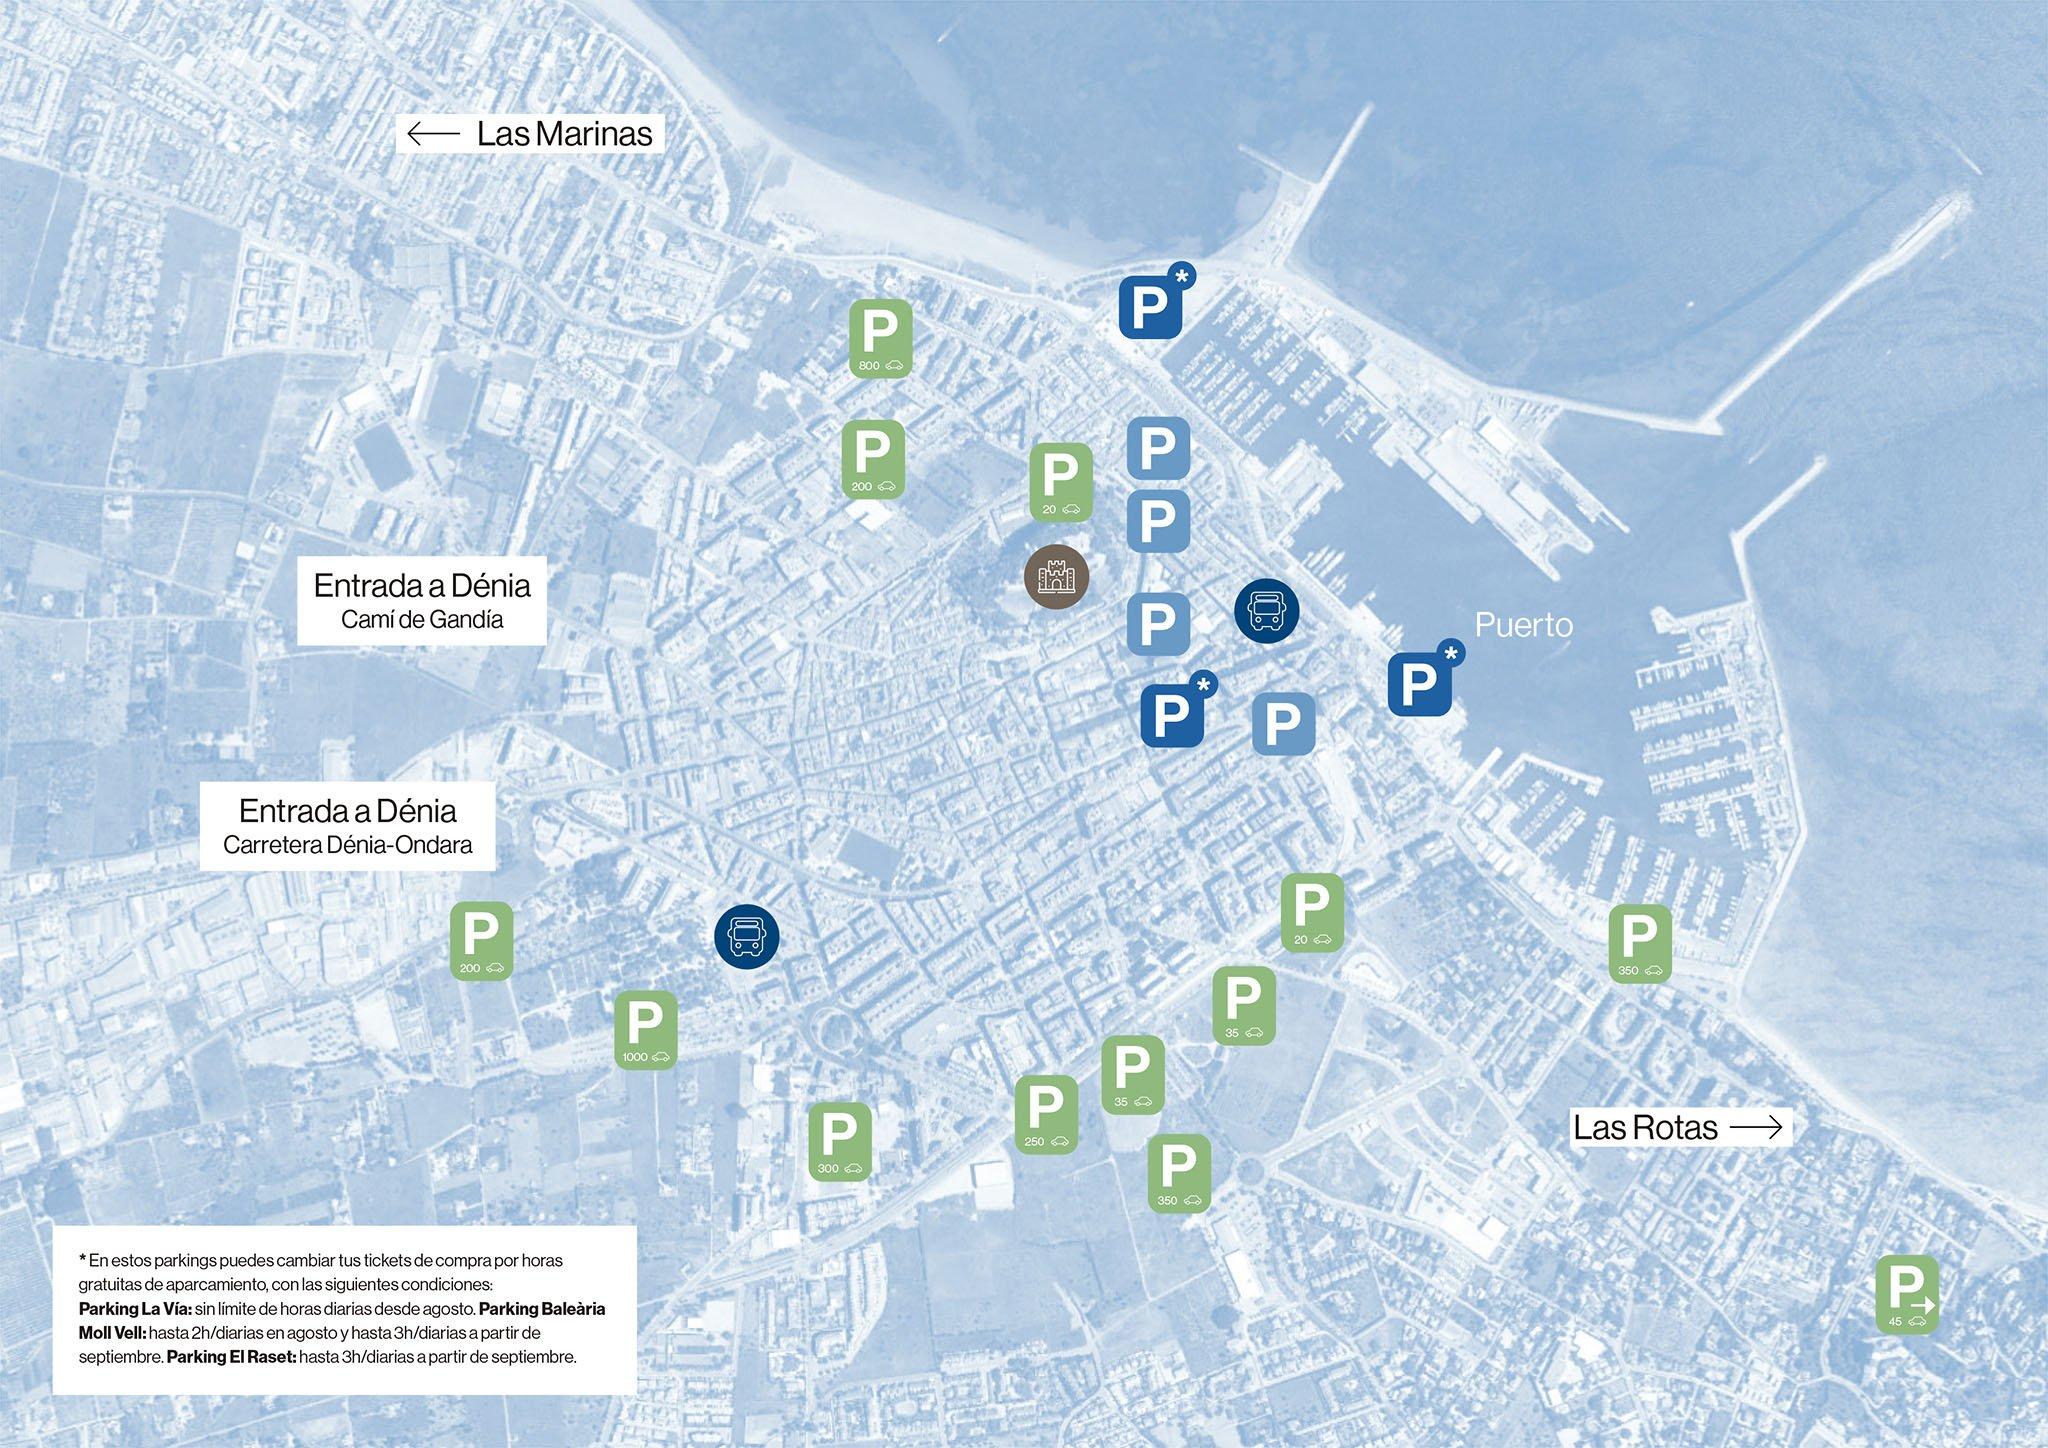 Mapa de parkings de la campaña